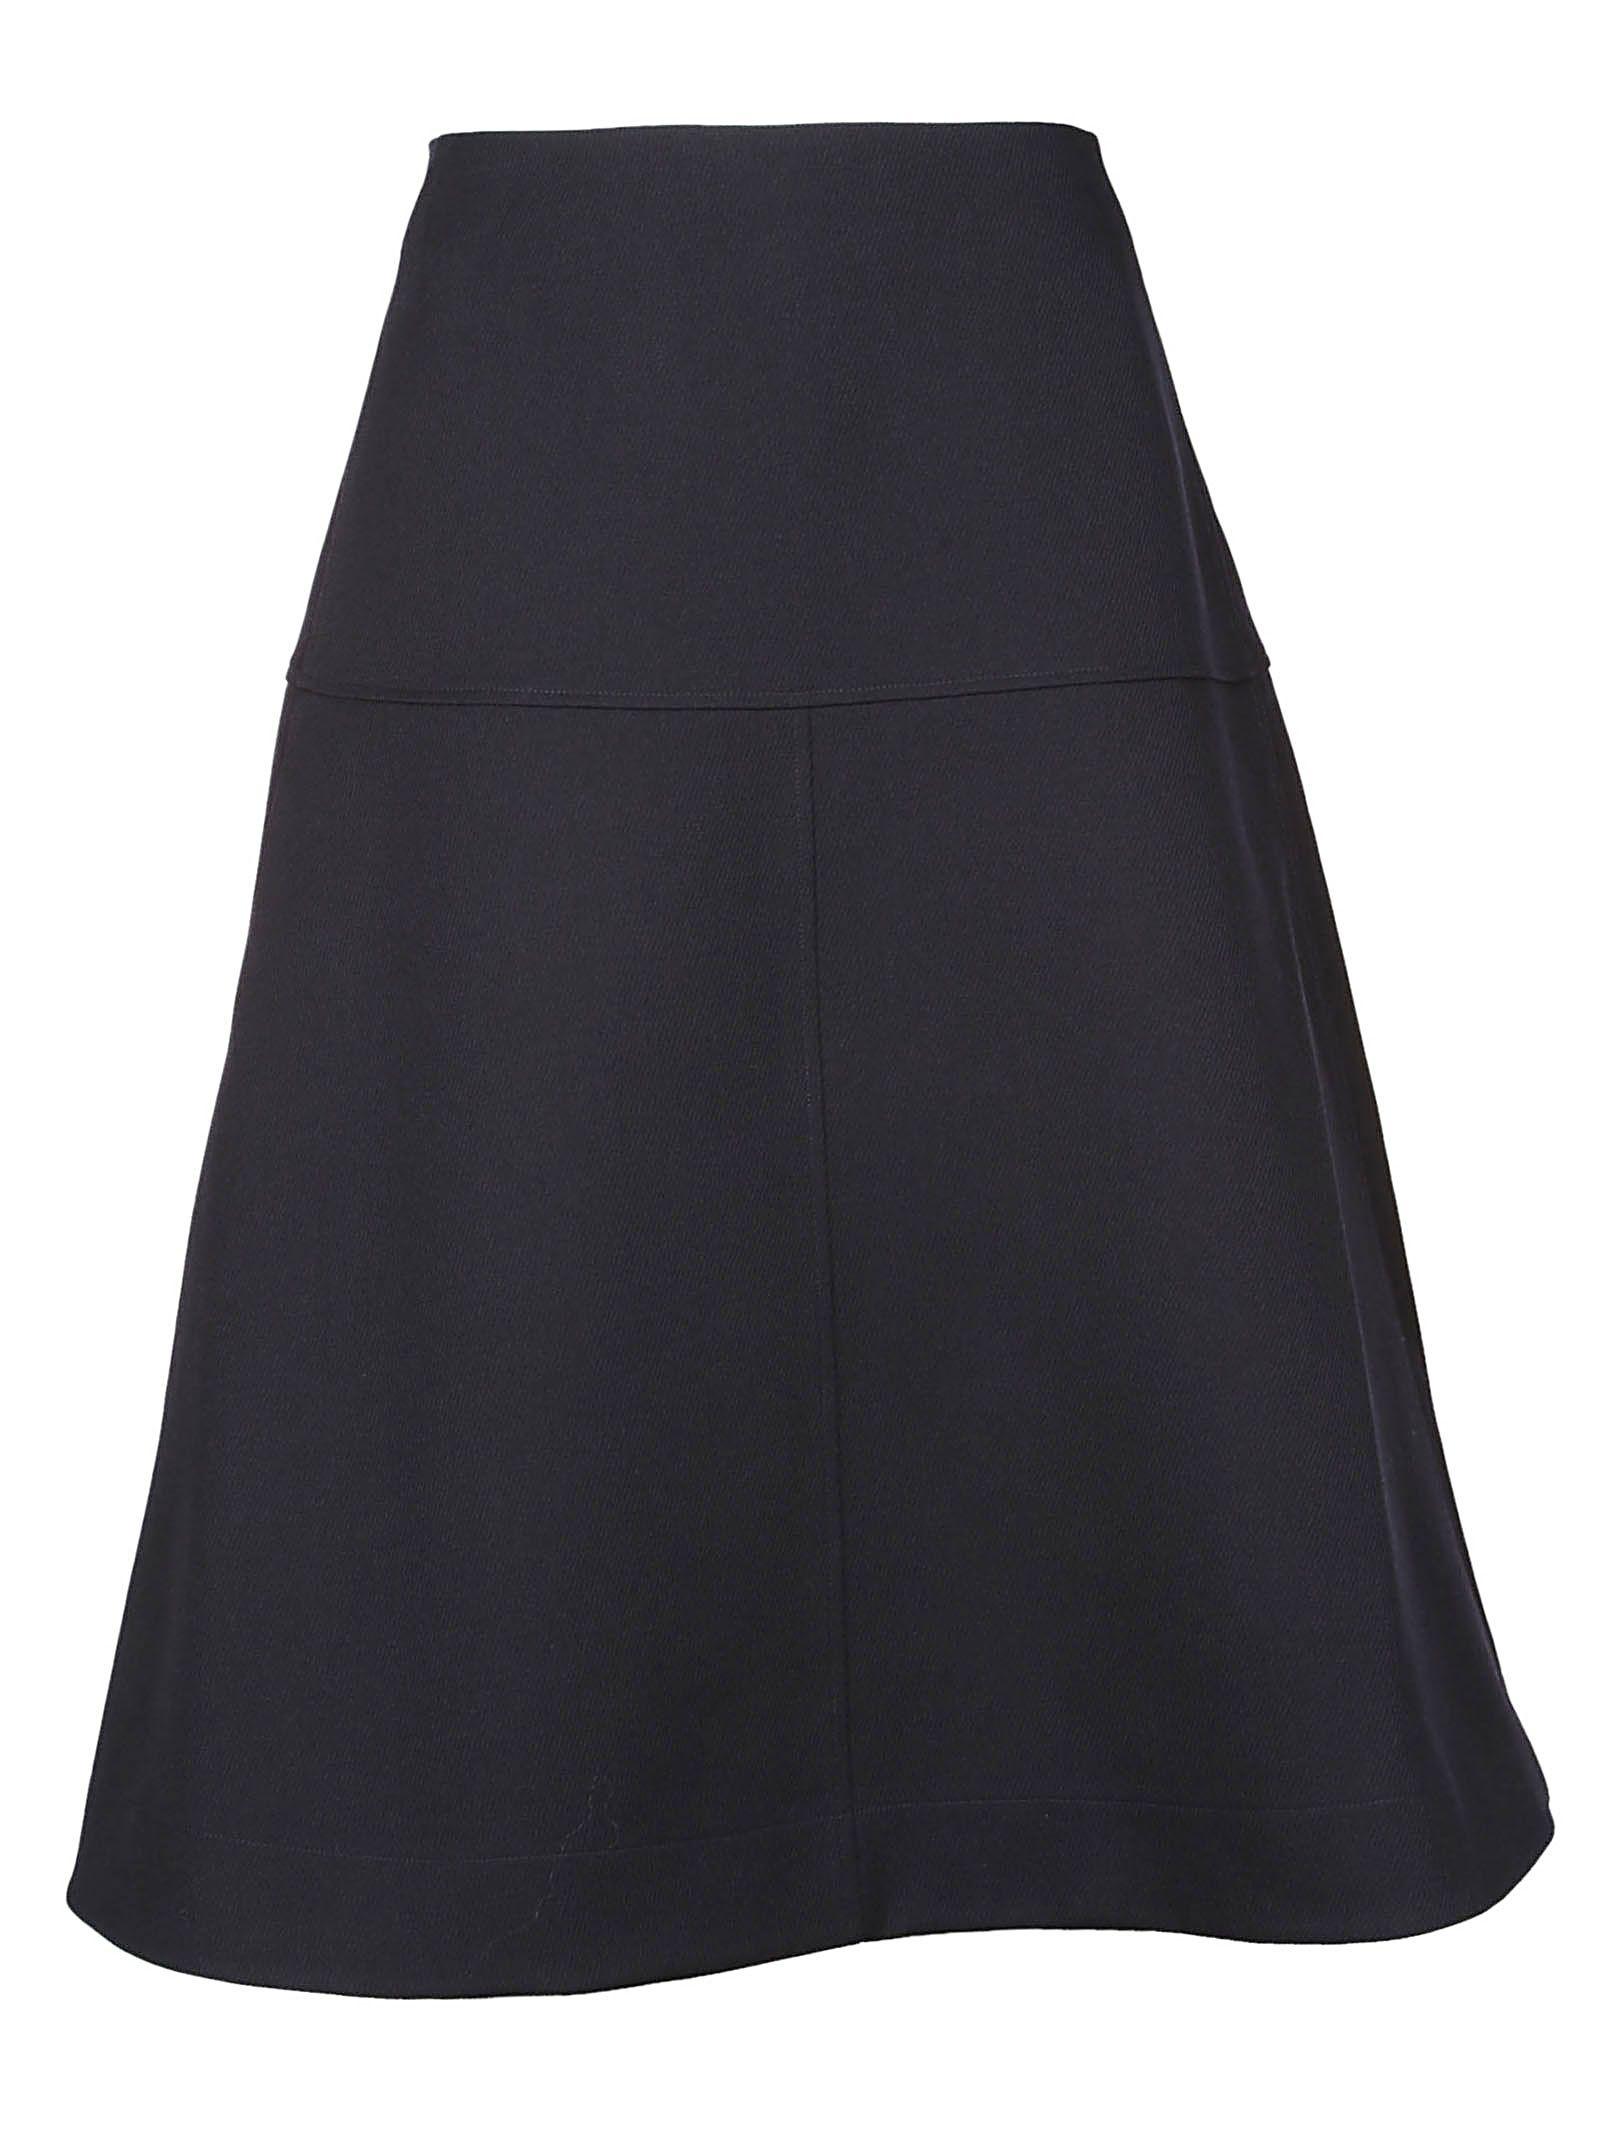 Jil Sander Navy Flared Skirt